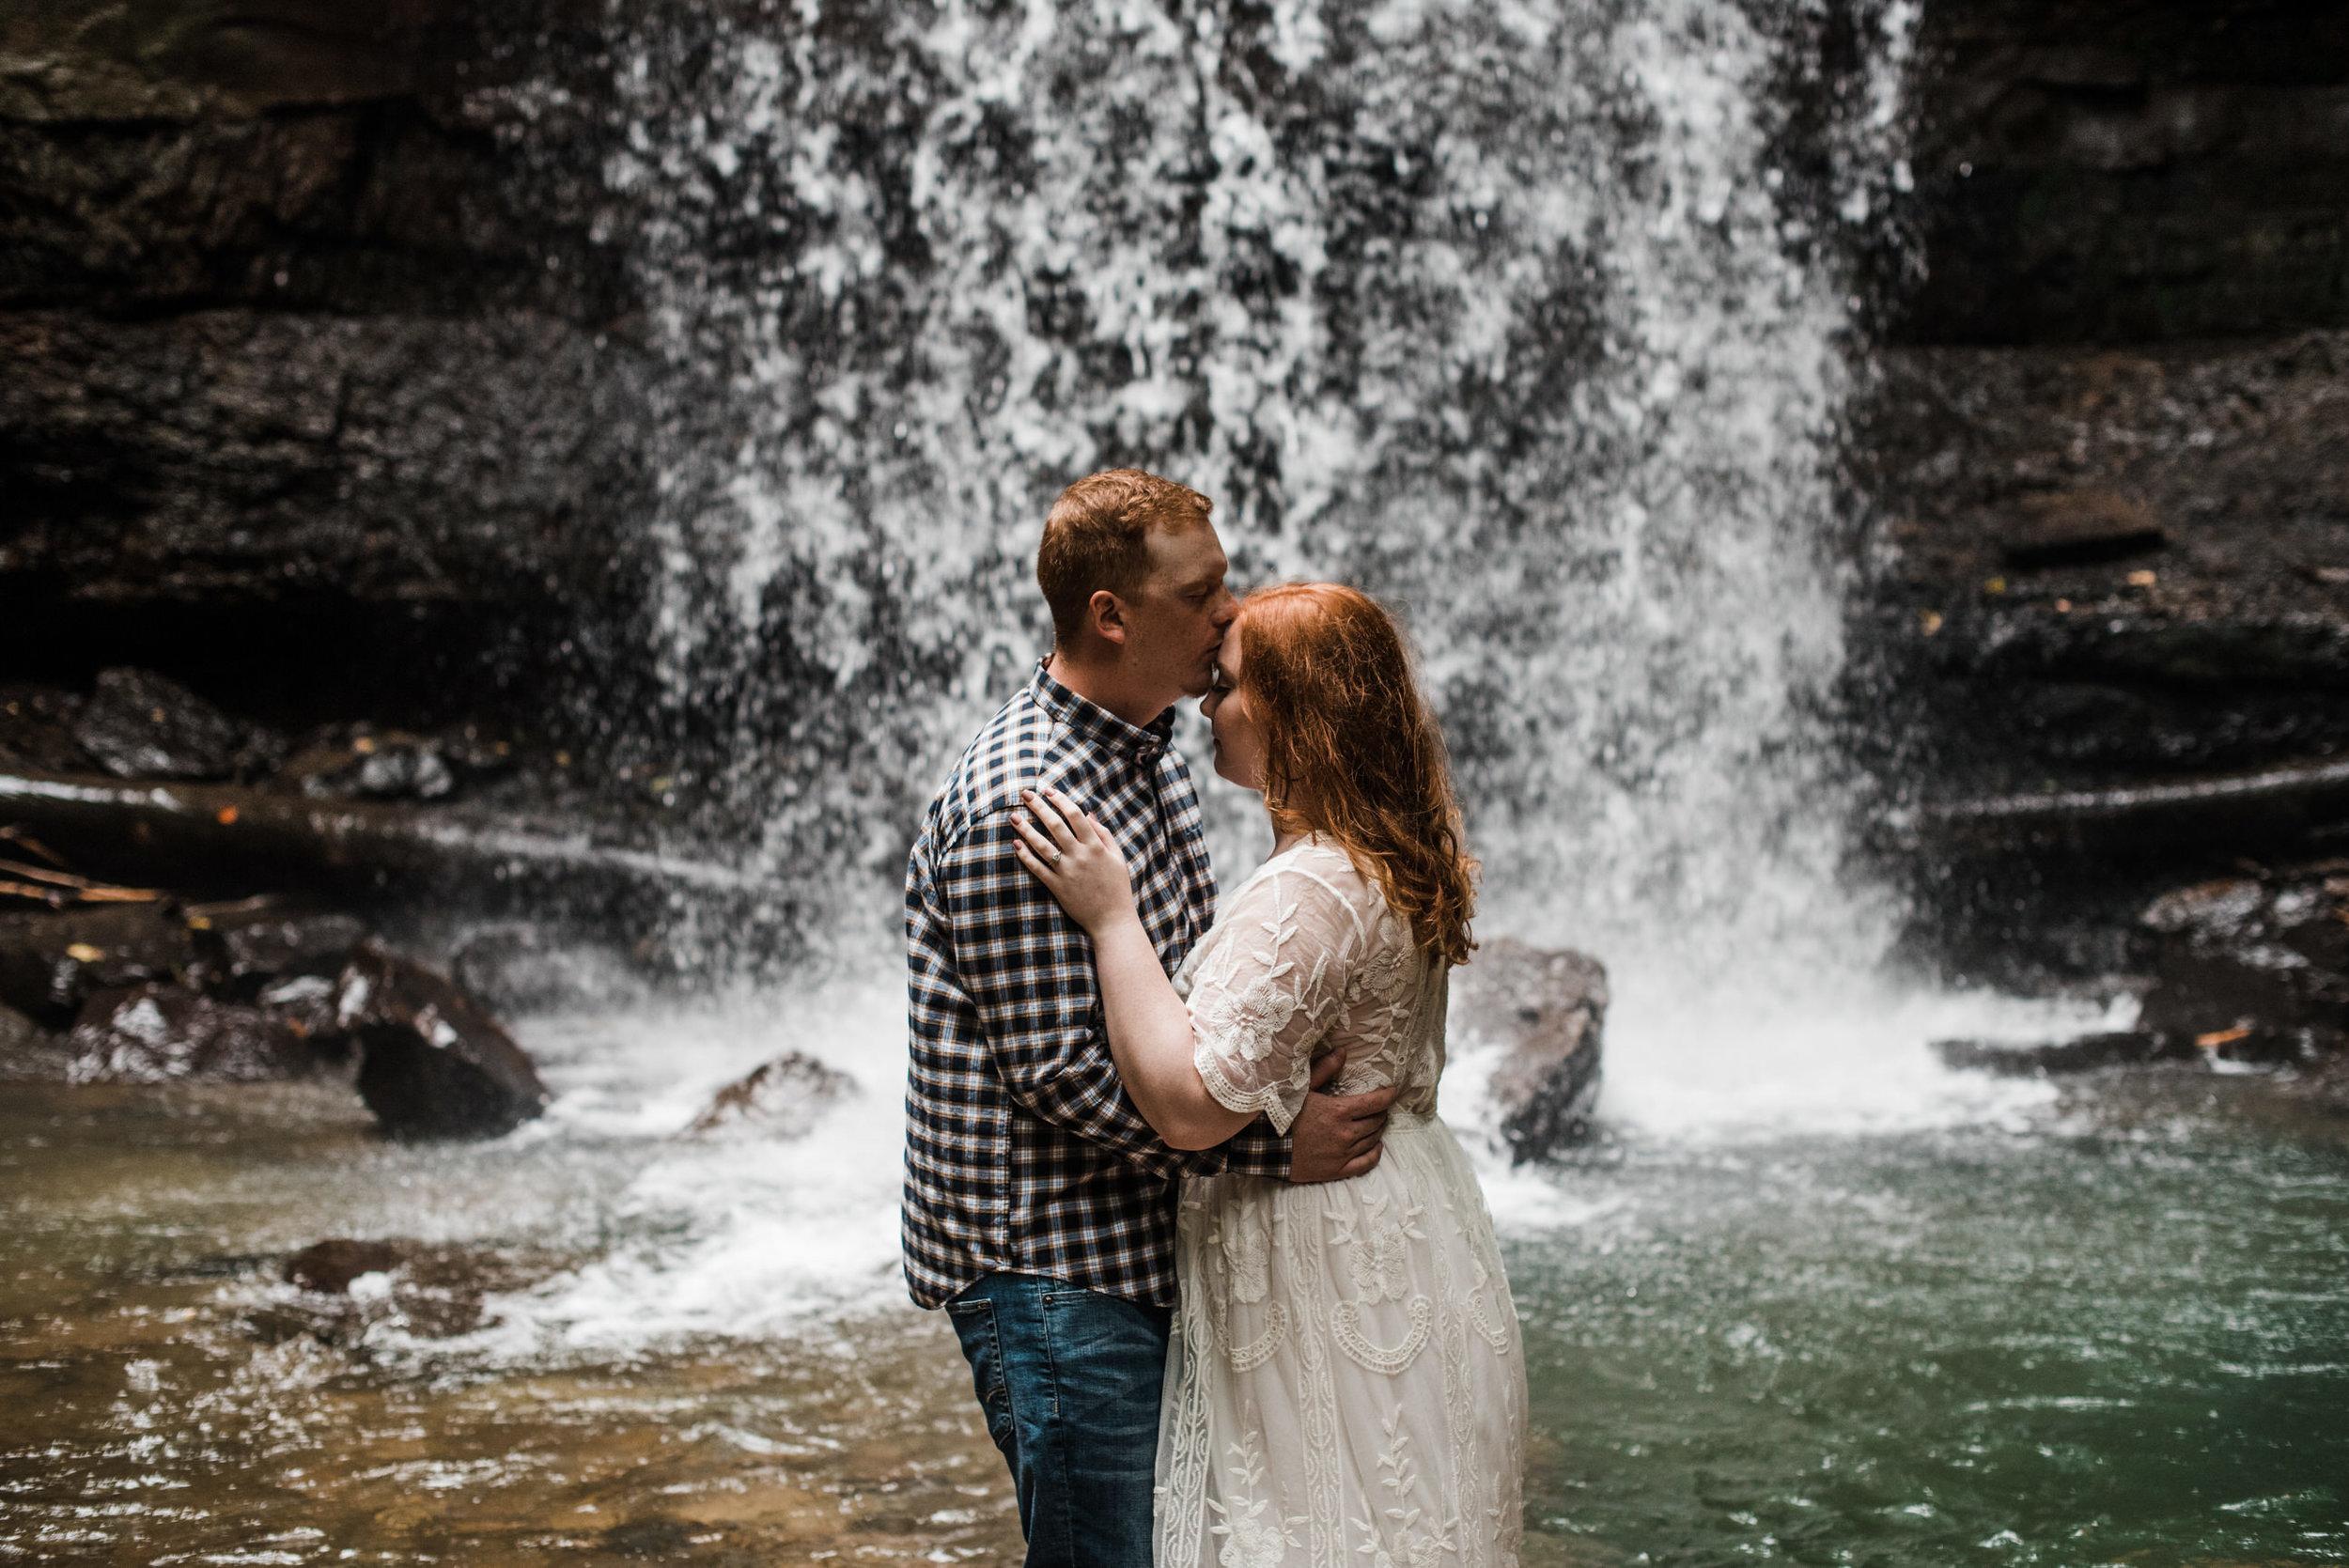 Ohio-Pyle-Engagement_Photos-Ashley-Reed_Photography_006.jpg